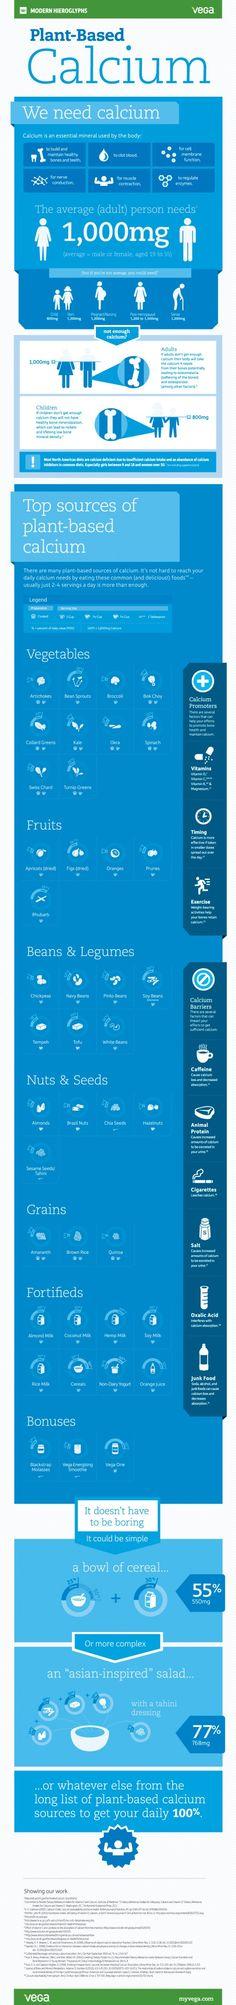 Where Do Vegans Get Calcium? Plant Based Sources for Calcium Plus Infographic